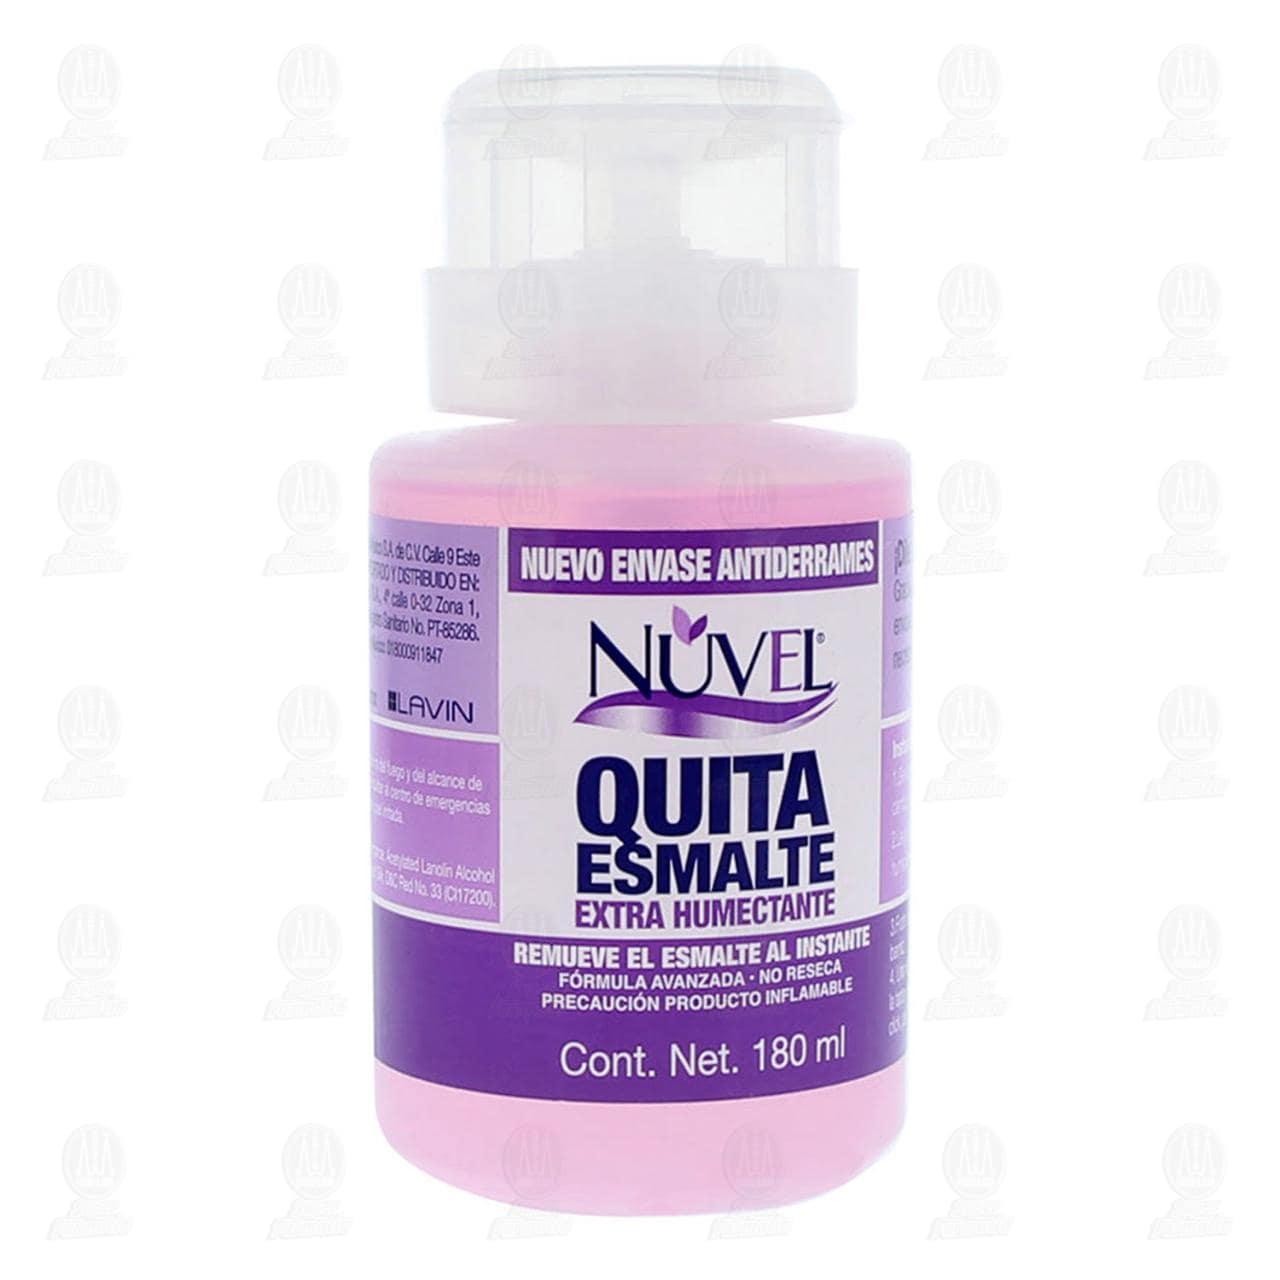 Quitaesmalte Nuvel Extra Humectante, 180 ml.